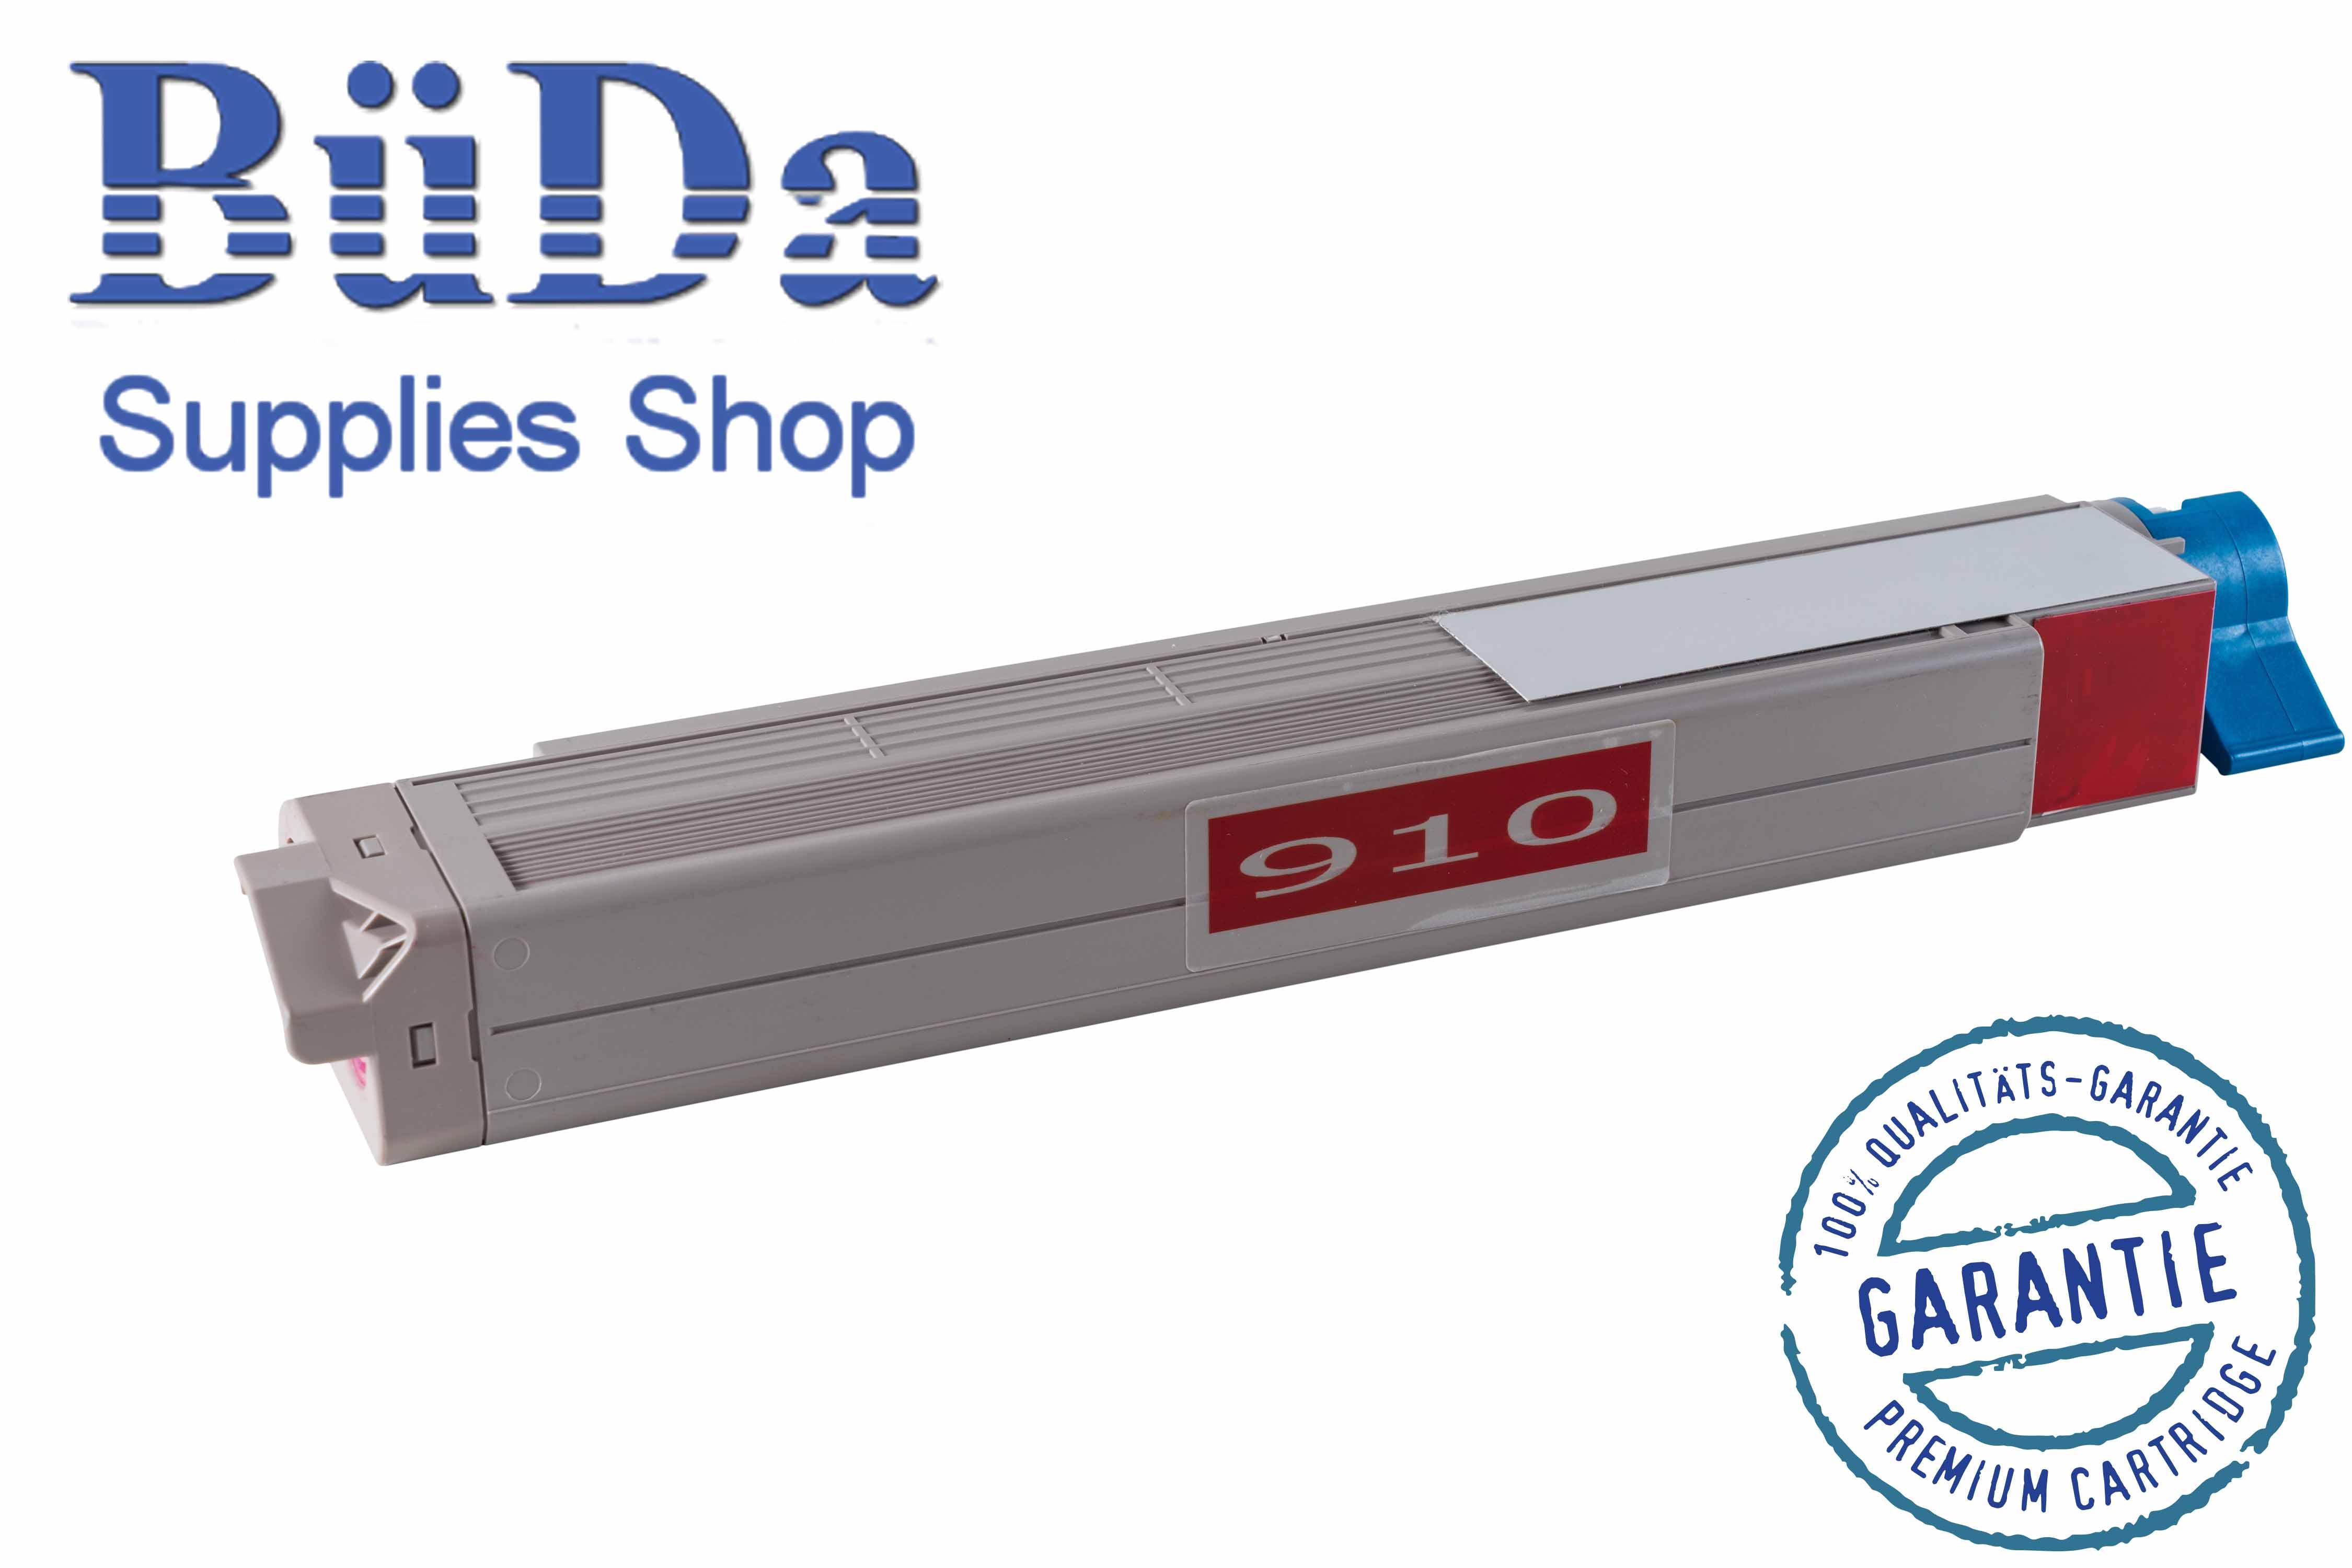 Toner-Modul komp. zu OKI C910 magenta 15000 Seiten